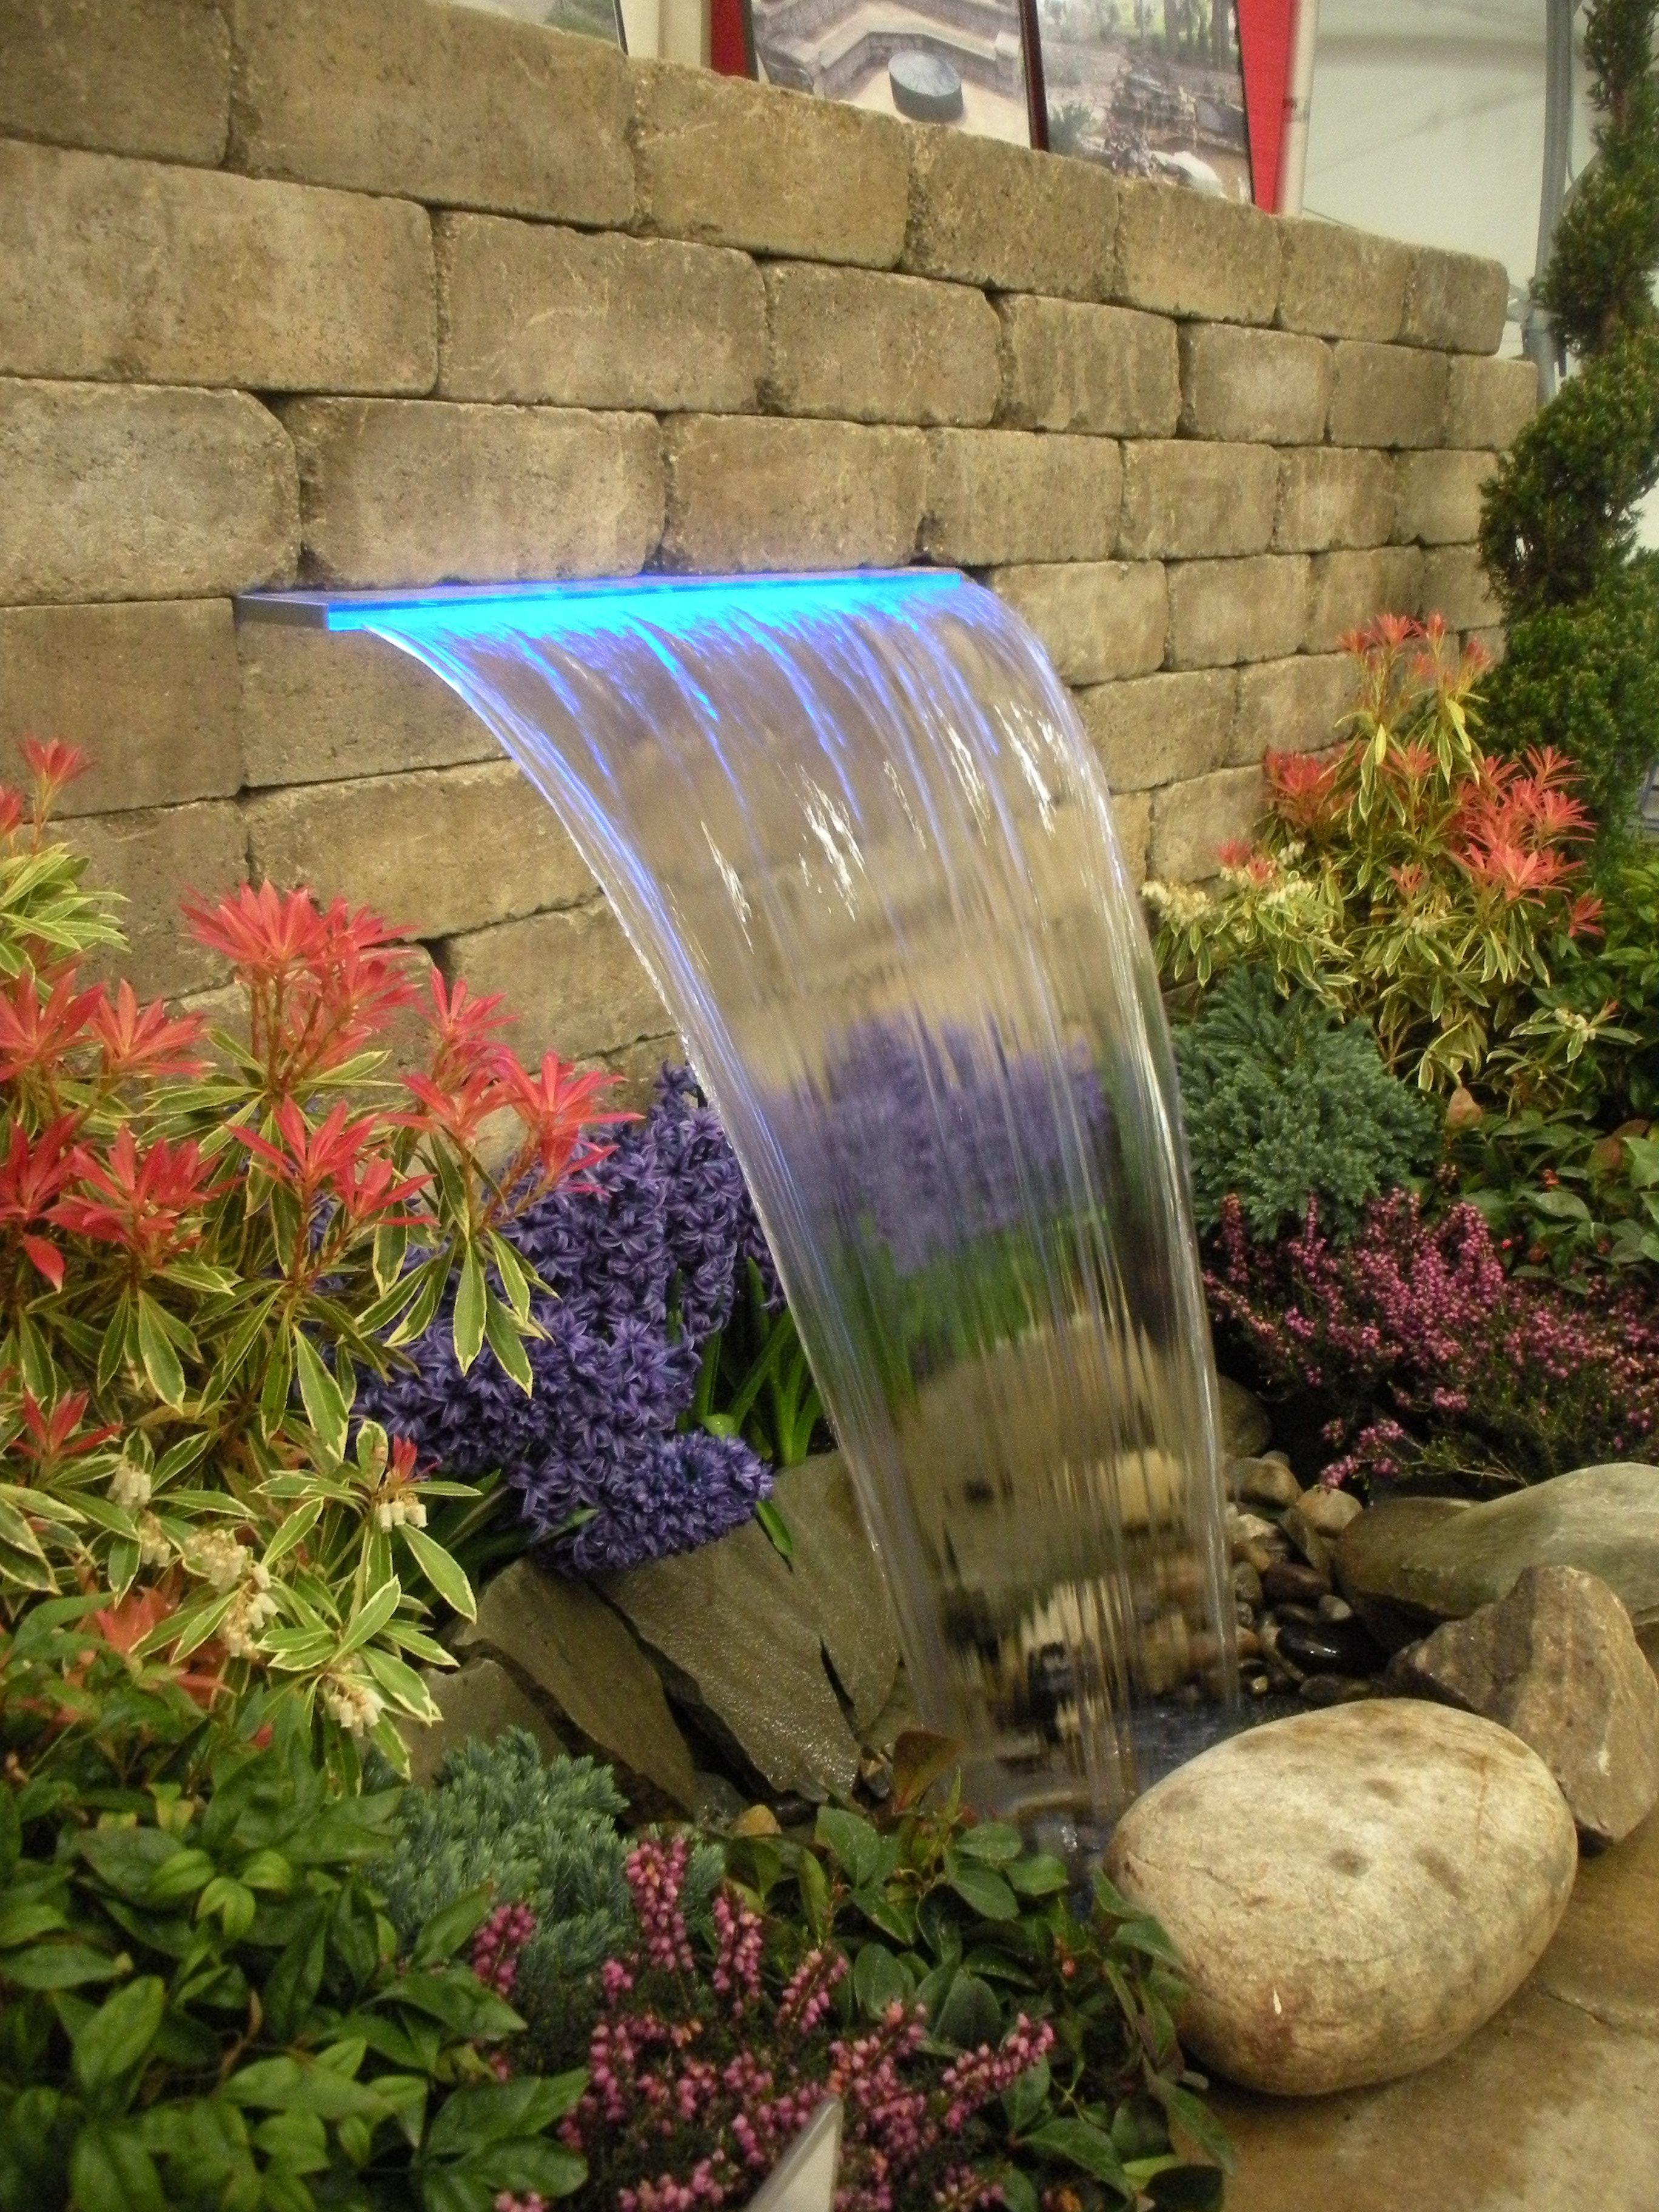 10 Garden Water Fountains Ideas Most Incredible As Well As Interesting In 2020 Garden Water Fountains Waterfalls Backyard Fountains Outdoor